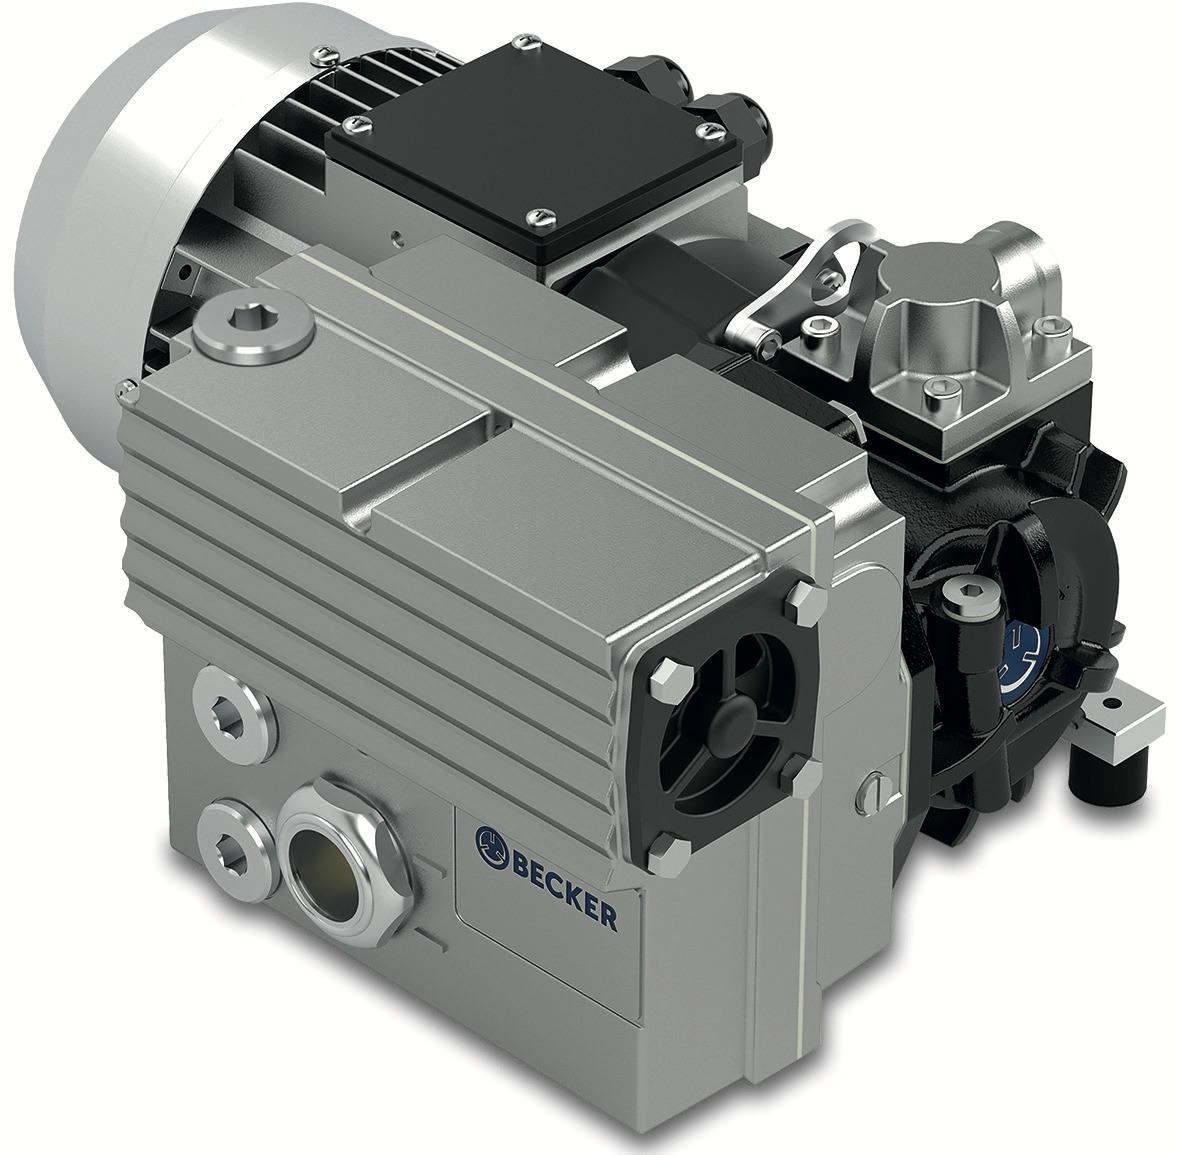 BECKER O 5.16 Vacuum pump bomba de vacio